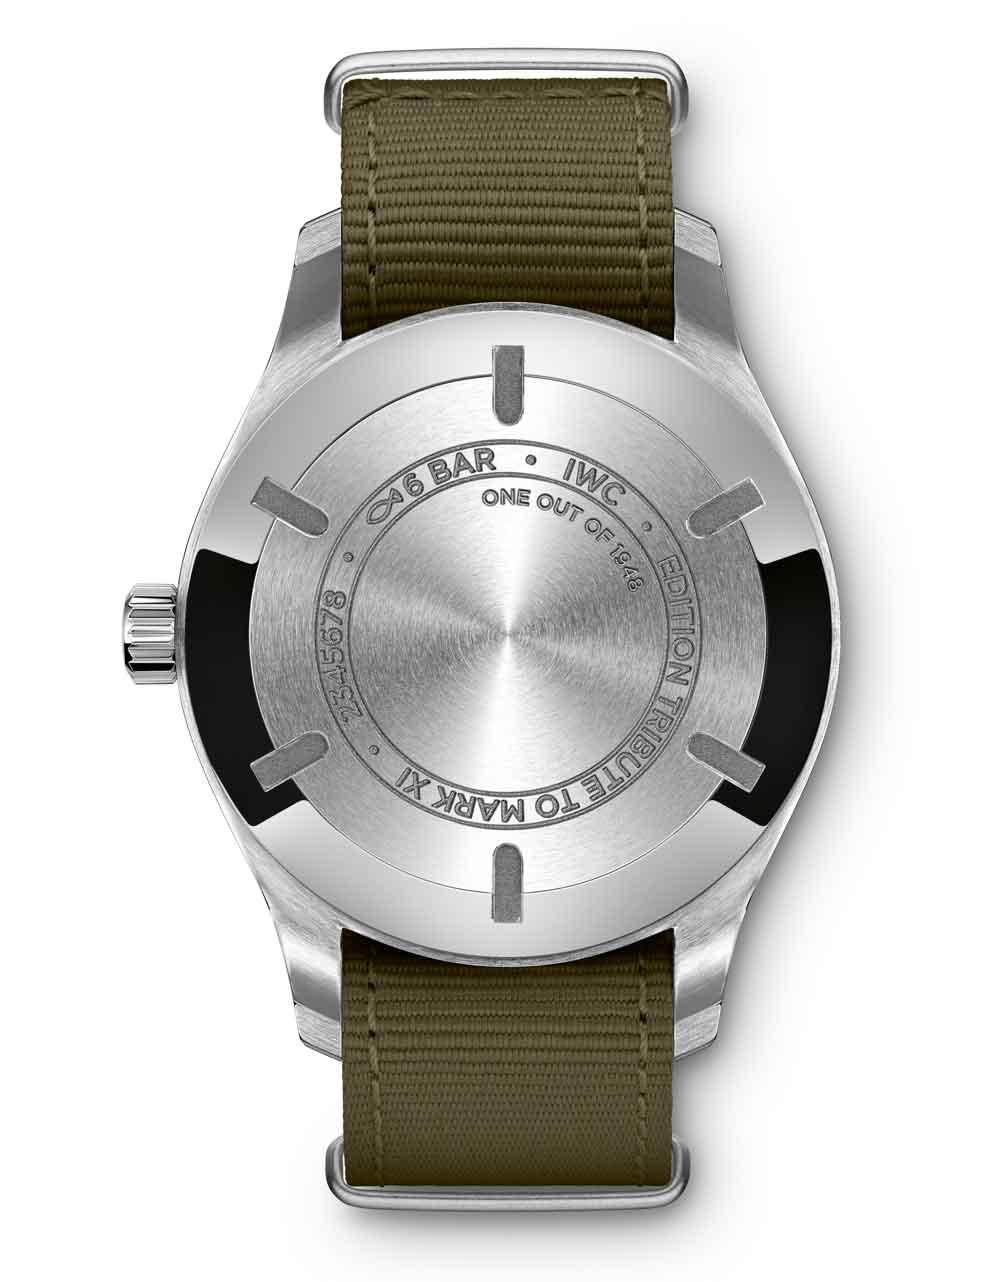 Fondo del reloj Pilot Mark XVIII Edition Tribute to Mark XI de IWC